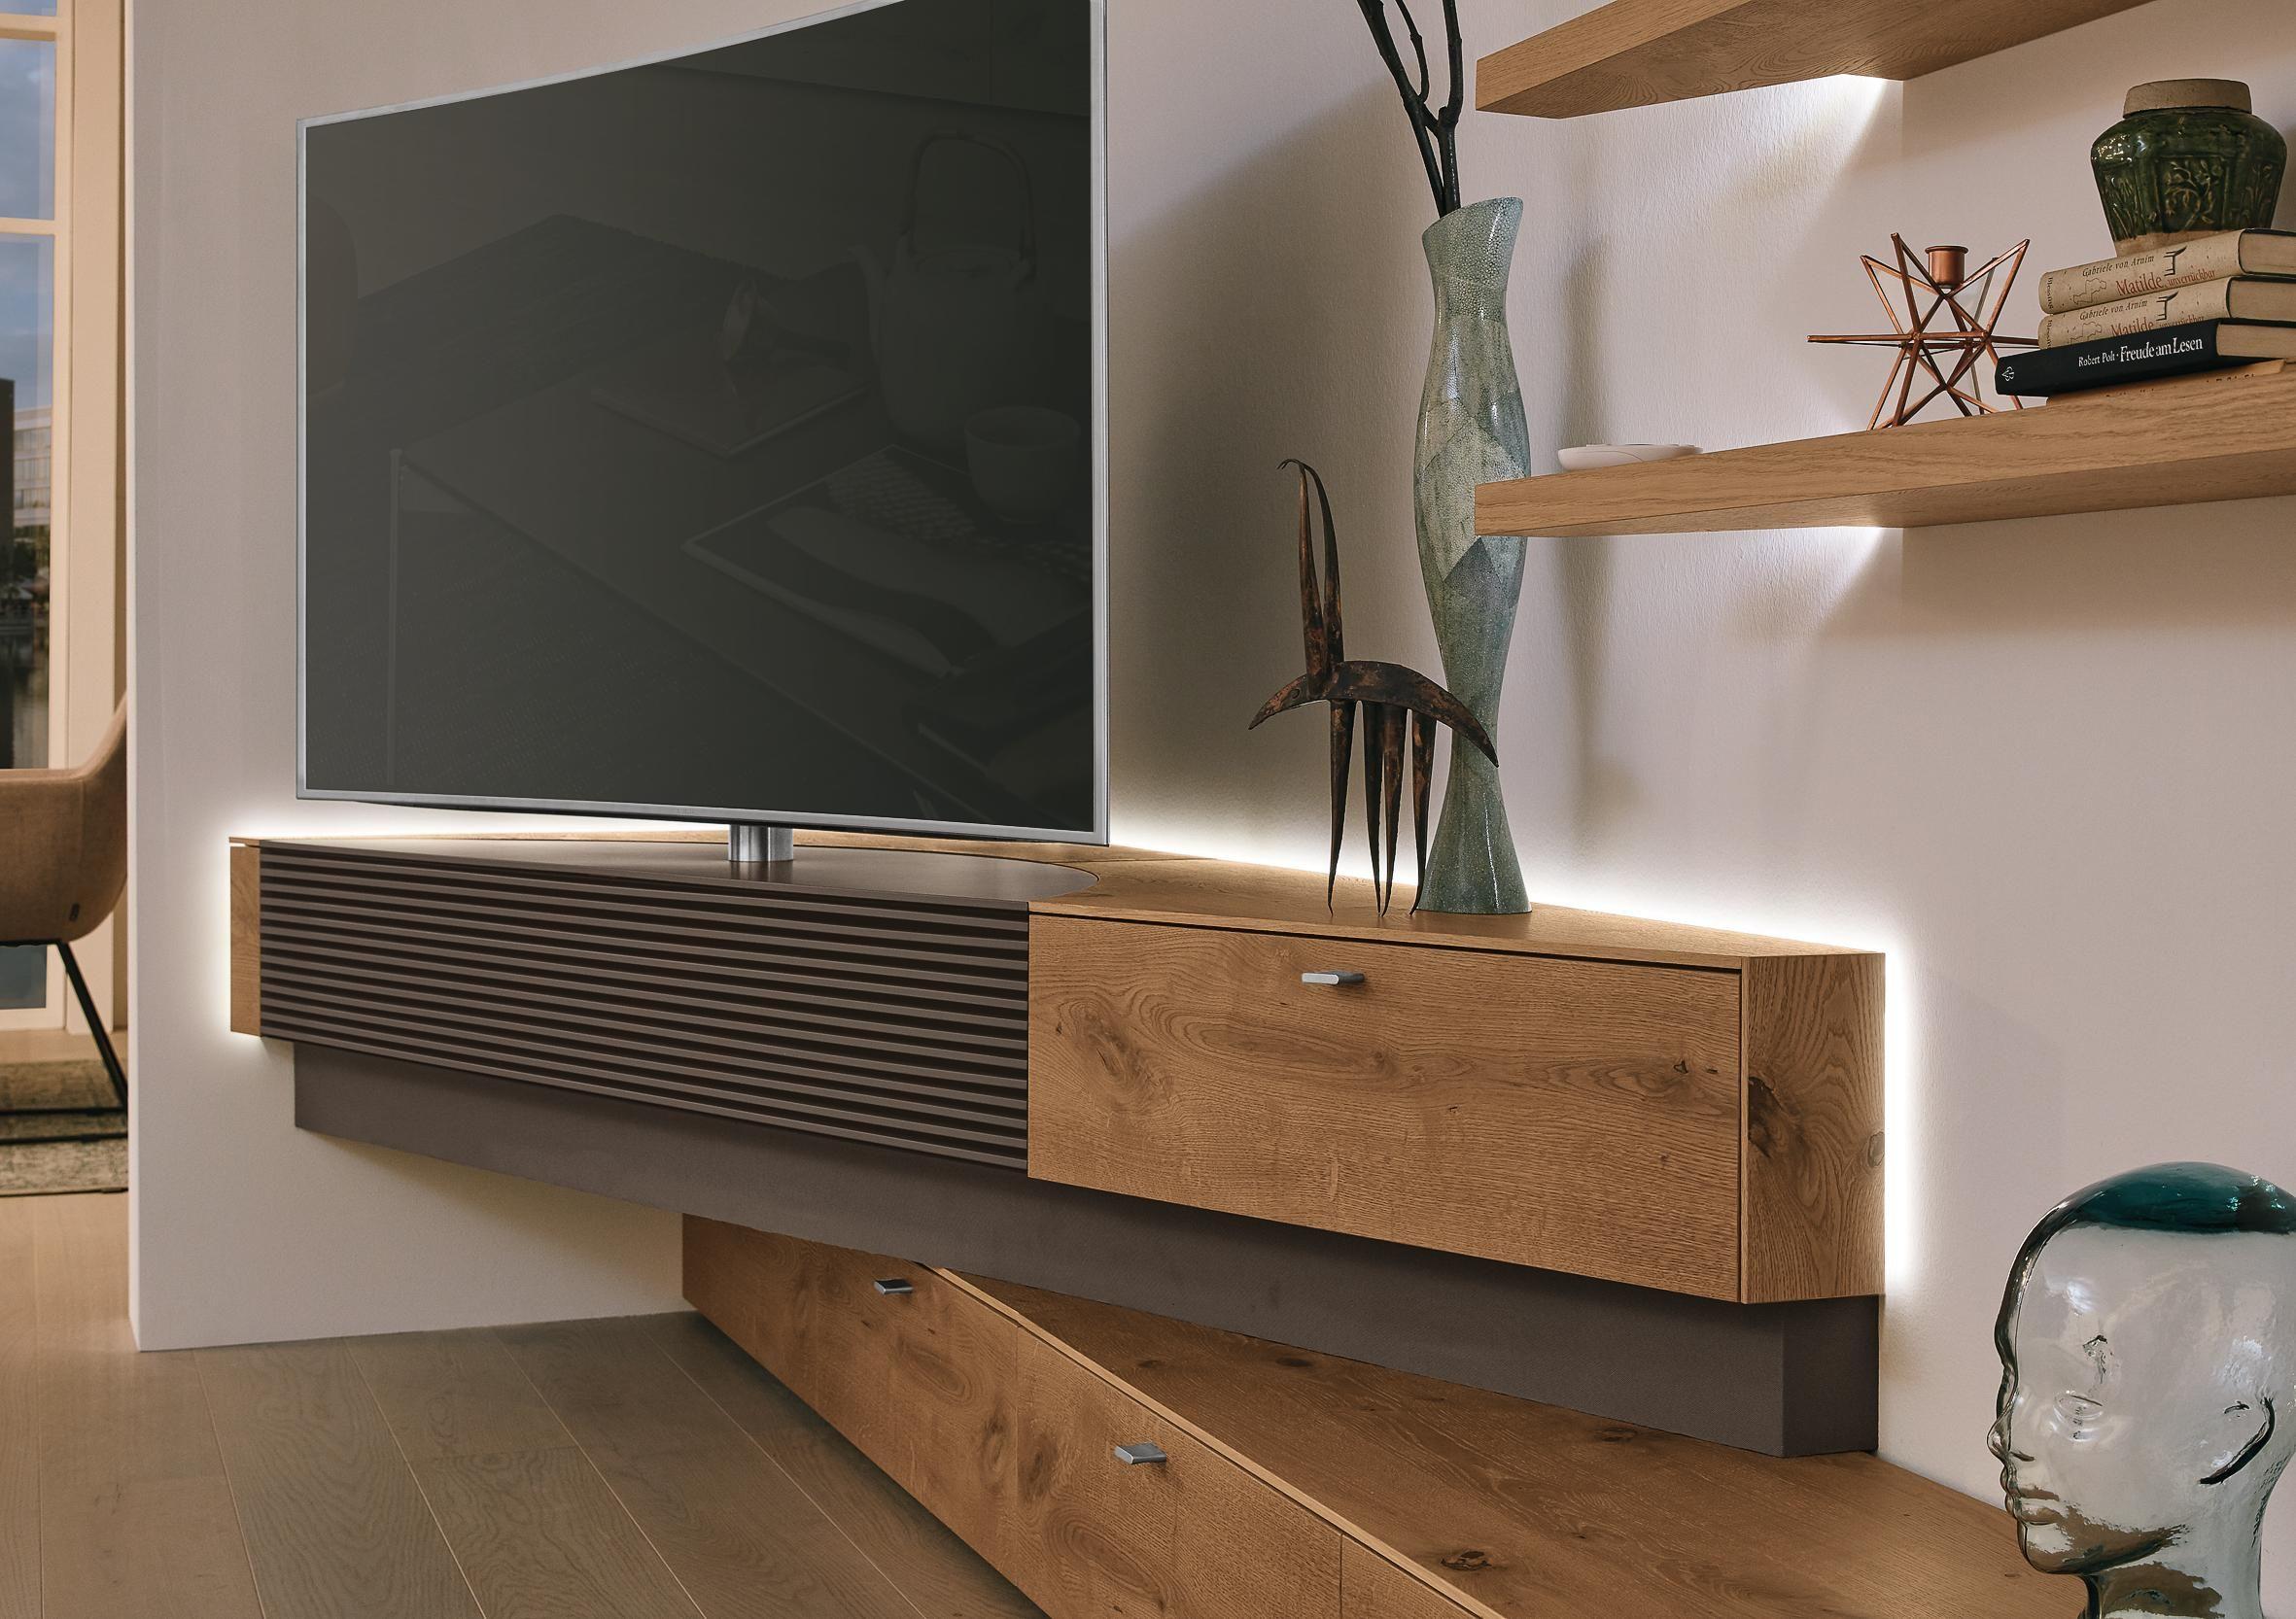 Billig Eck Lowboard Tv Wand Wohnzimmer Wohnen Wohnzimmer Tv